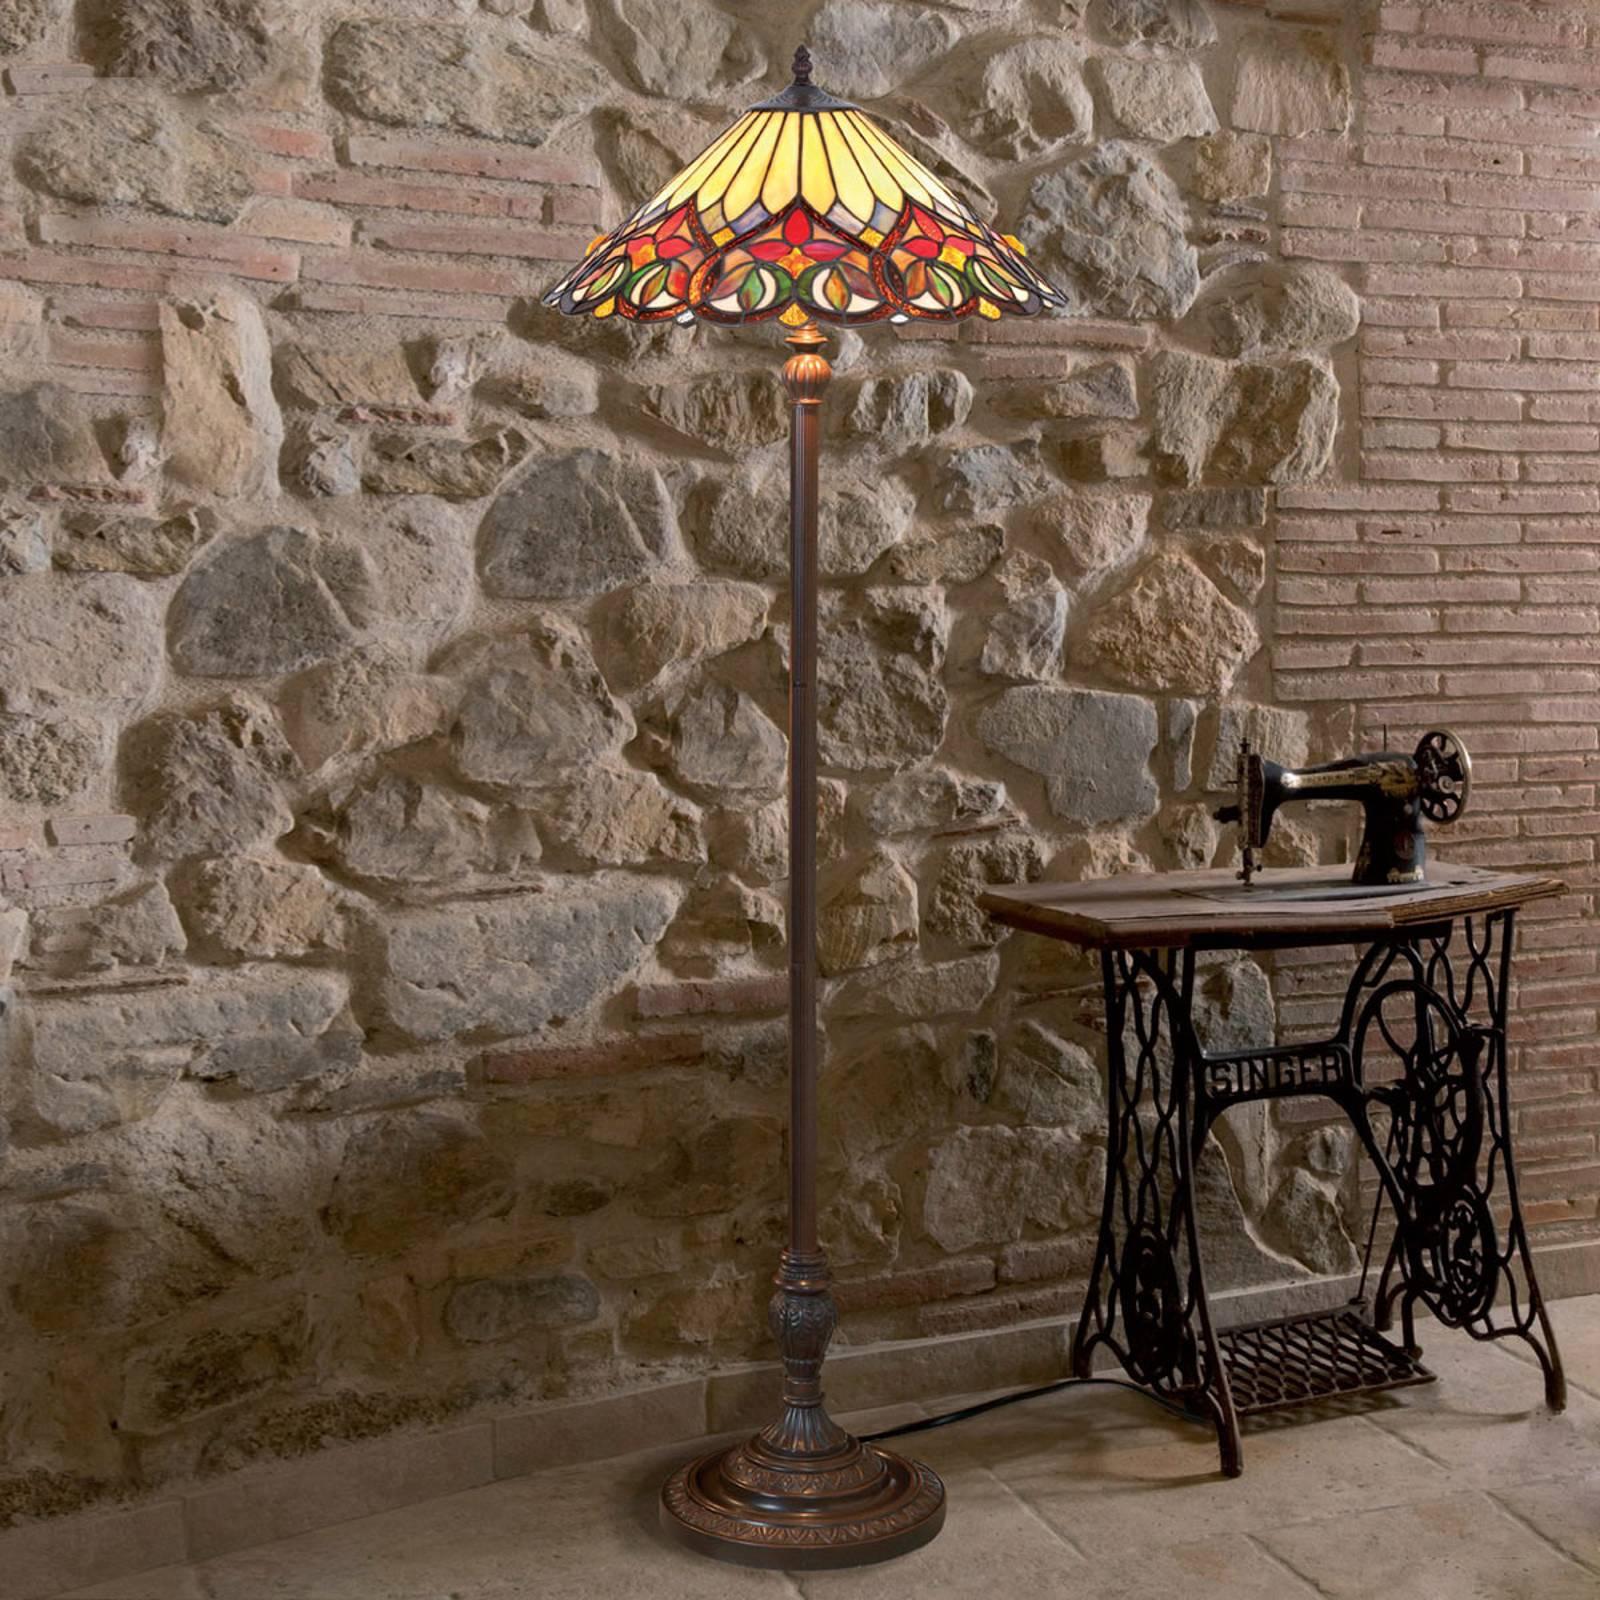 stehlampen und andere lampen von artistar online kaufen bei m bel garten. Black Bedroom Furniture Sets. Home Design Ideas